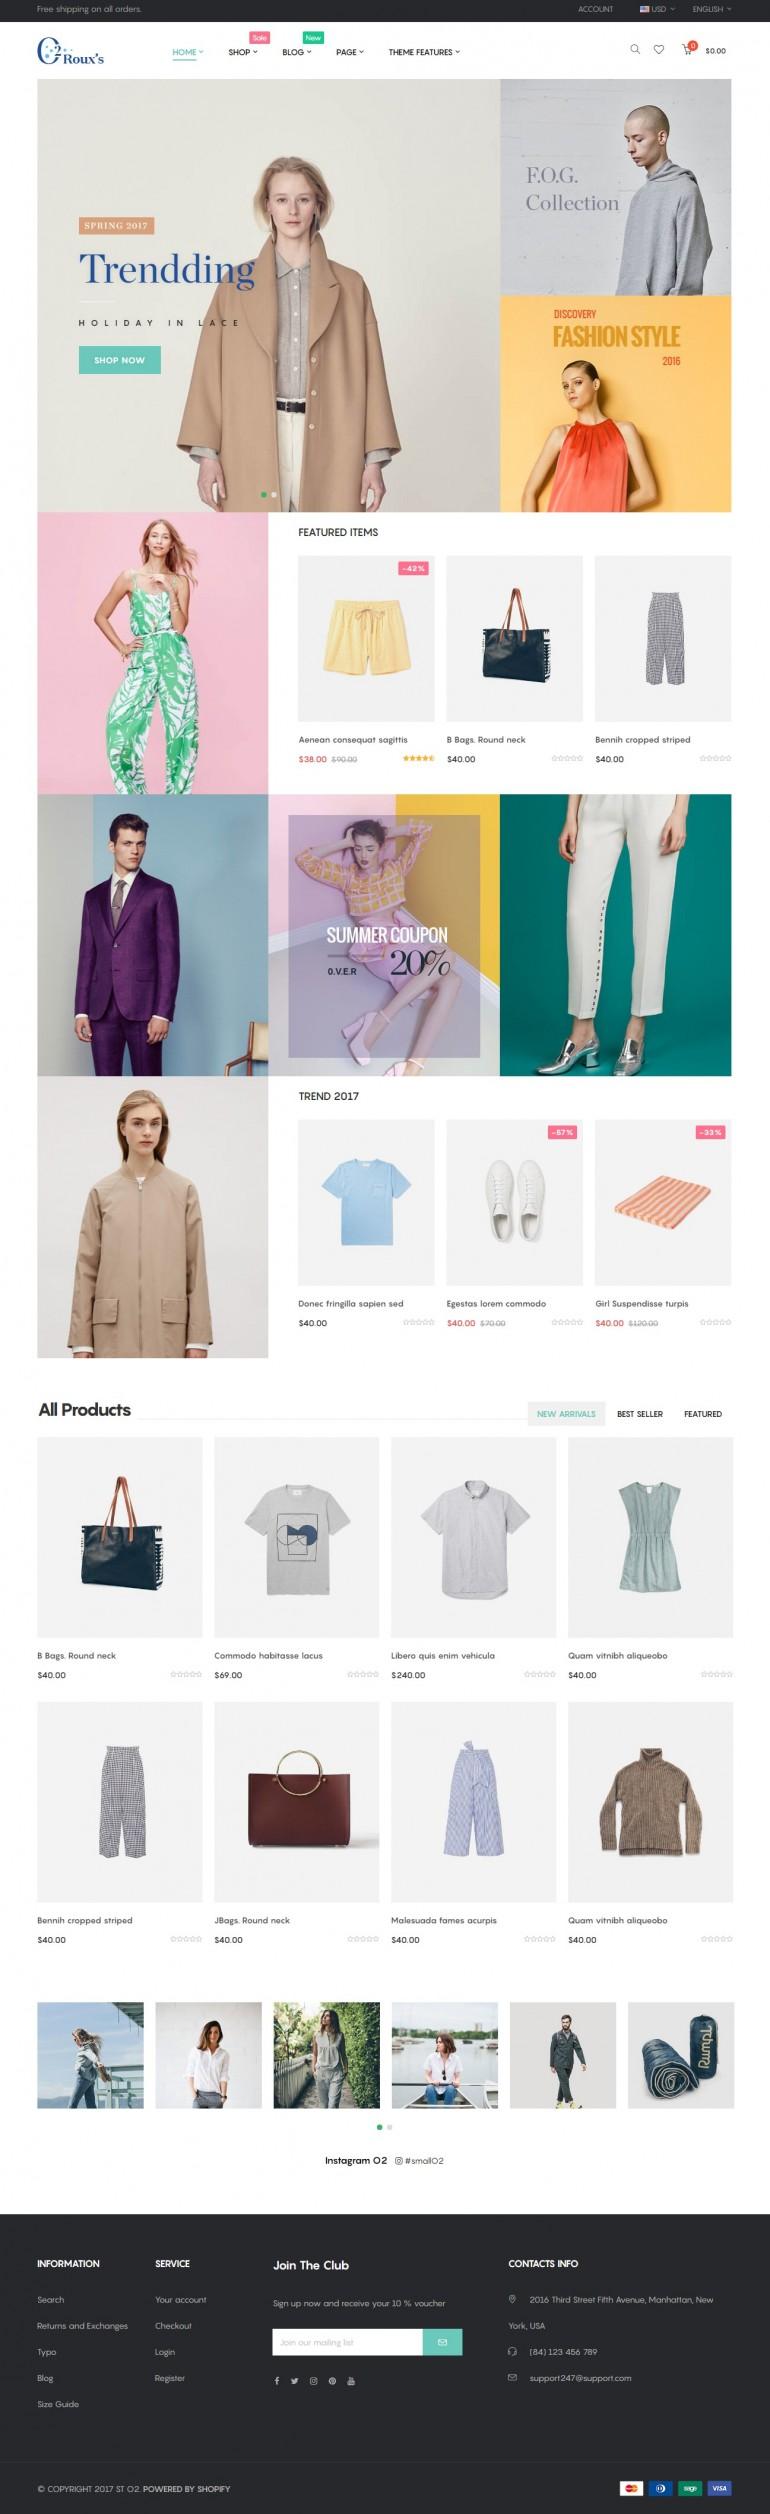 O2 Fashion Store